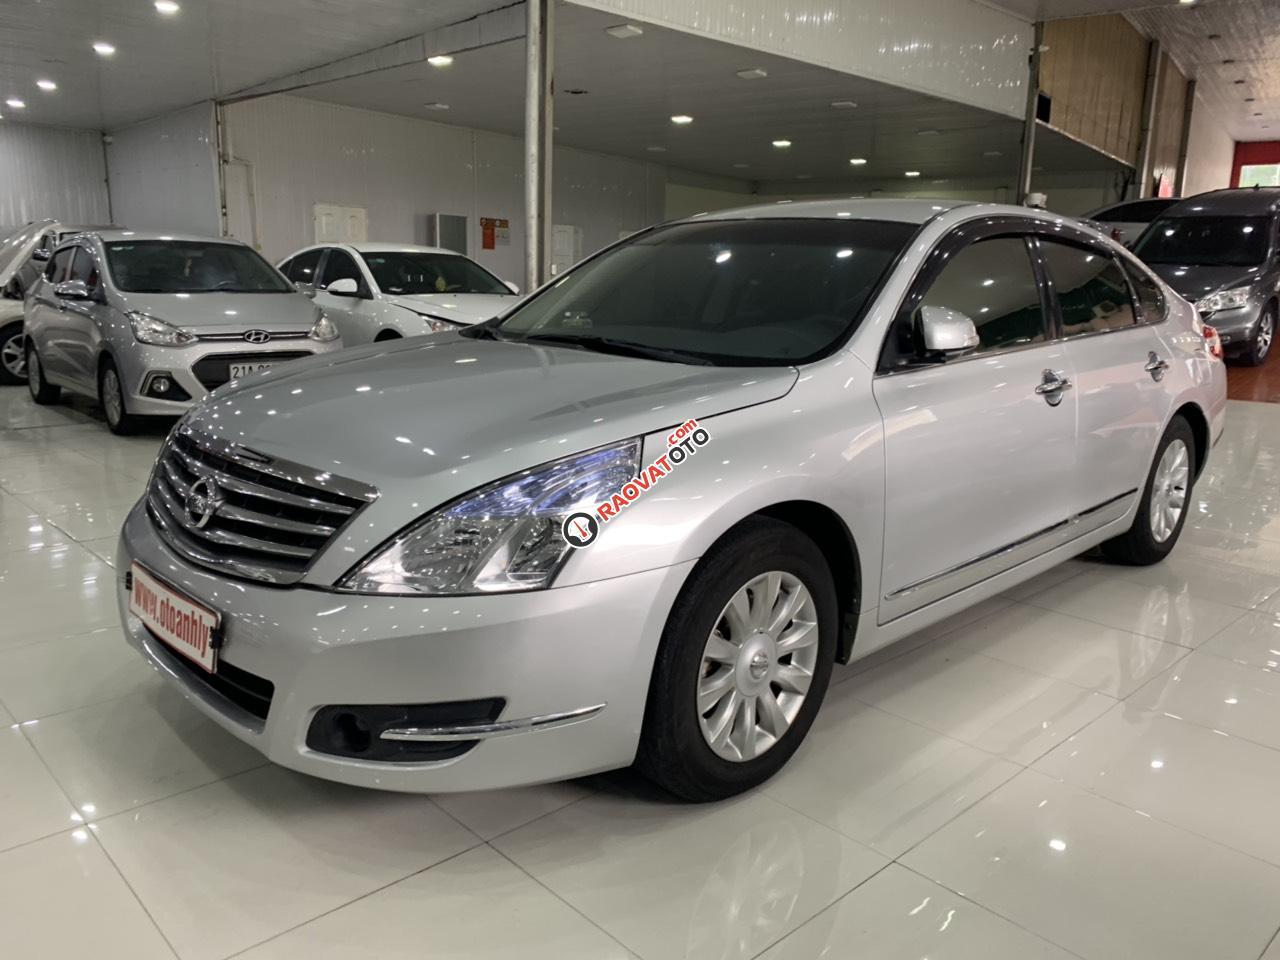 Cần bán xe Nissan Teana sản xuất 2010, màu bạc, nhập khẩu-0